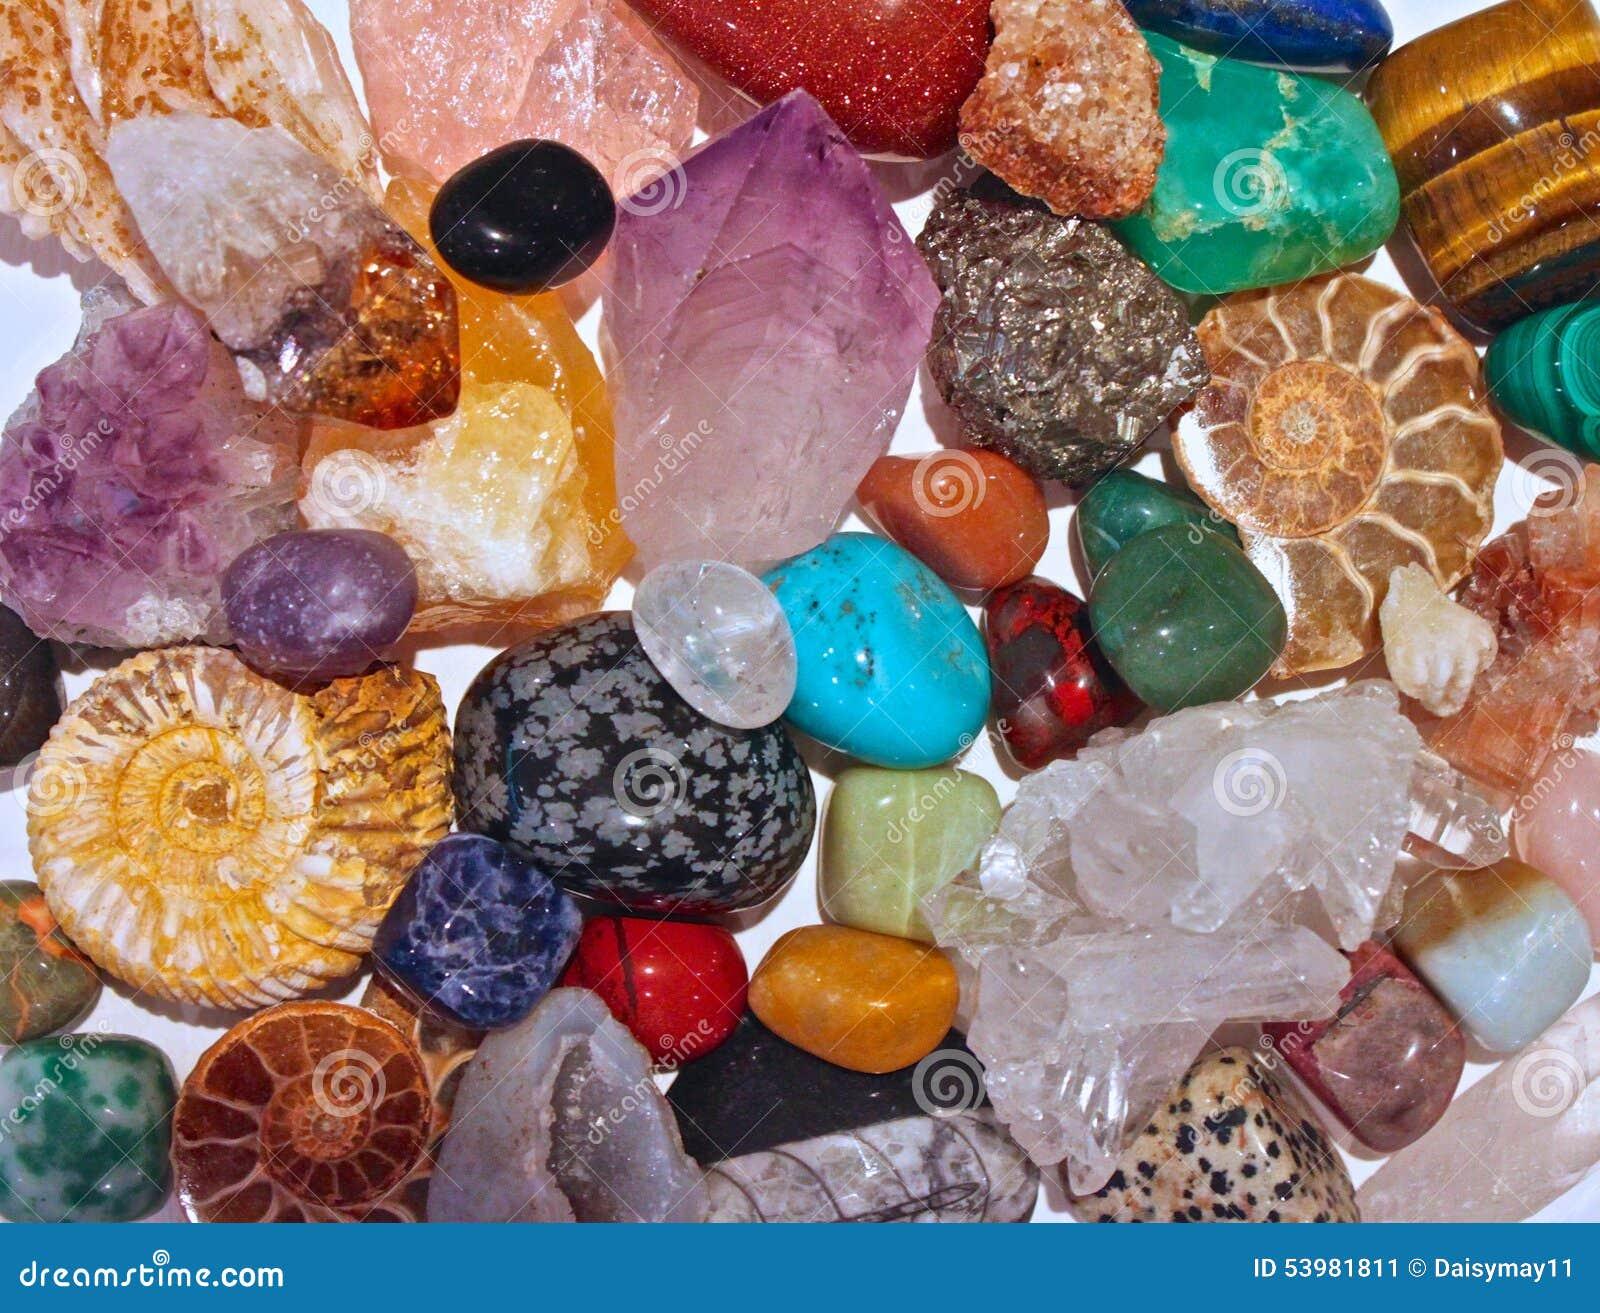 Minerals crystals and semi precious stones